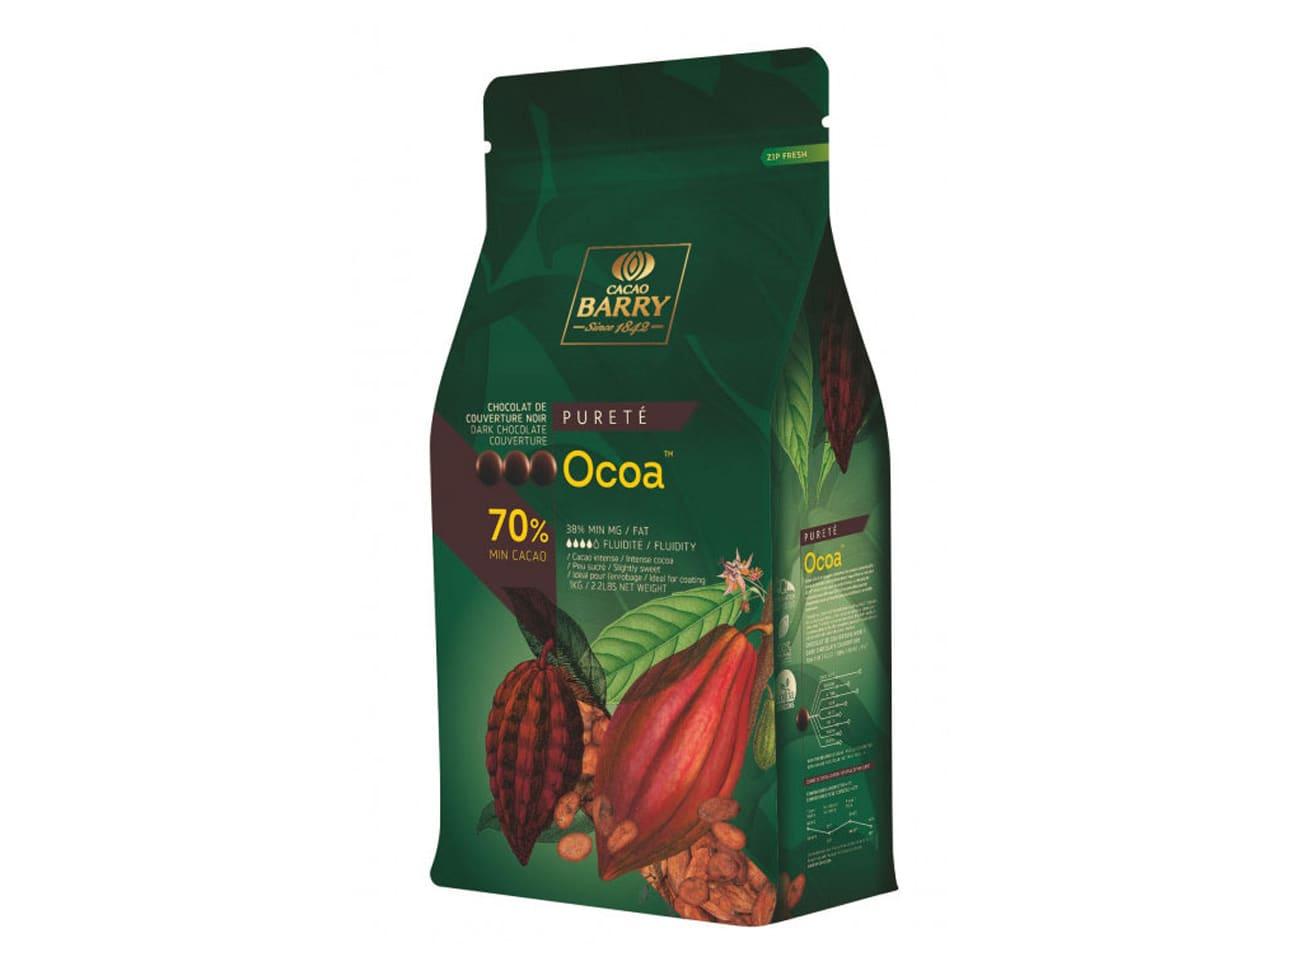 cacao site de rencontre)